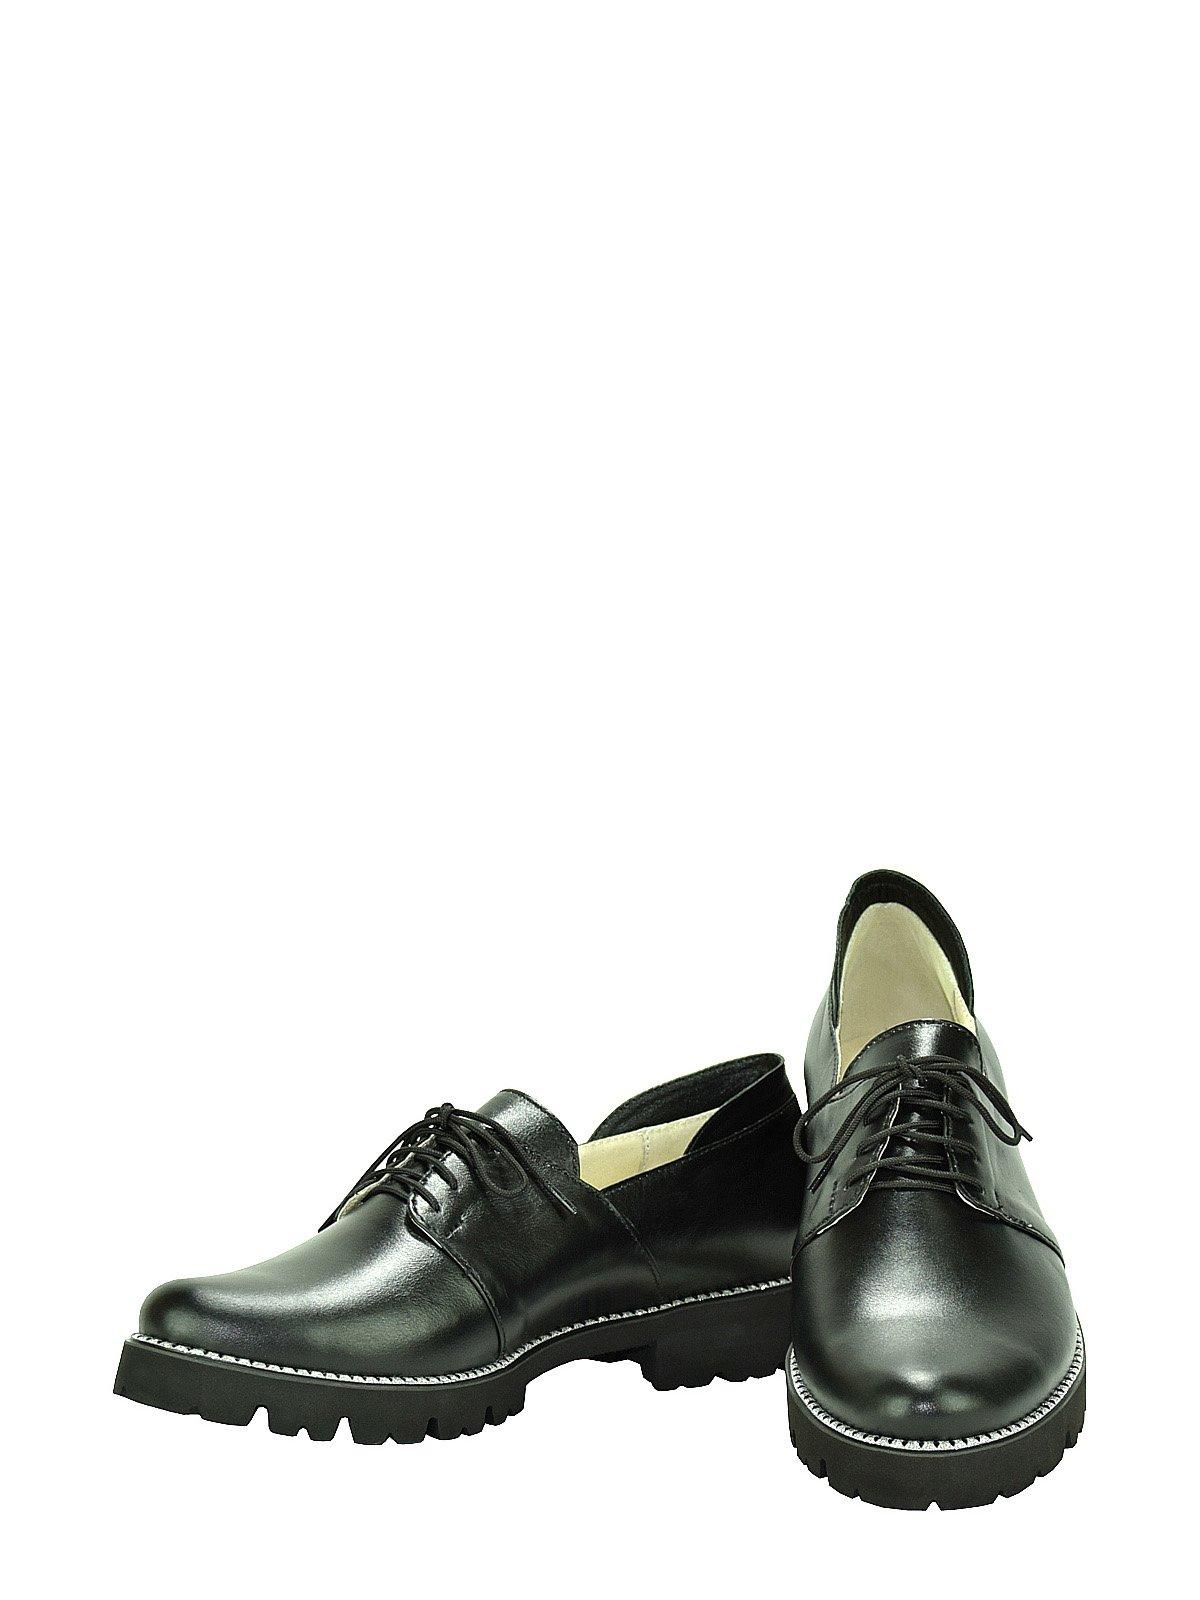 Туфлі чорні | 3553663 | фото 3